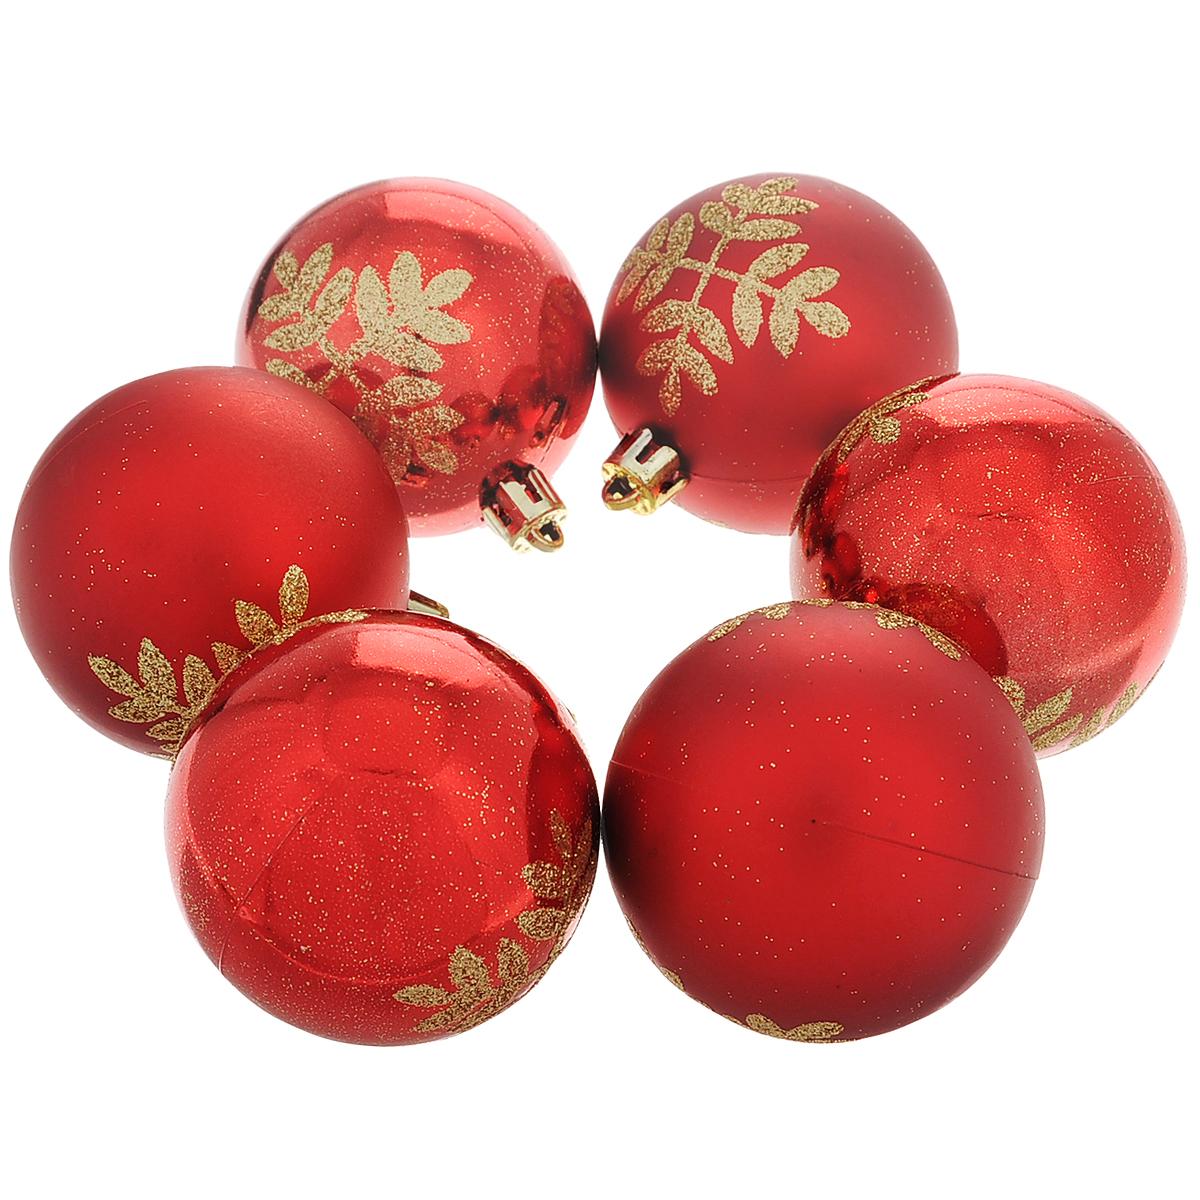 Набор новогодних подвесных украшений Шар, цвет: красный, золотистый, диаметр 6 см, 6 шт. 3550831069Набор новогодних подвесных украшений Шар прекрасно подойдет для праздничного декора новогодней ели. Состоит из шести шаров.Елочная игрушка - символ Нового года. Она несет в себе волшебство и красоту праздника. Создайте в своем доме атмосферу веселья и радости, украшая новогоднюю елку нарядными игрушками, которые будут из года в год накапливать теплоту воспоминаний. Коллекция декоративных украшений принесет в ваш дом ни с чем несравнимое ощущение волшебства! Откройте для себя удивительный мир сказок и грез. Почувствуйте волшебные минуты ожидания праздника, создайте новогоднее настроение вашим дорогим и близким.